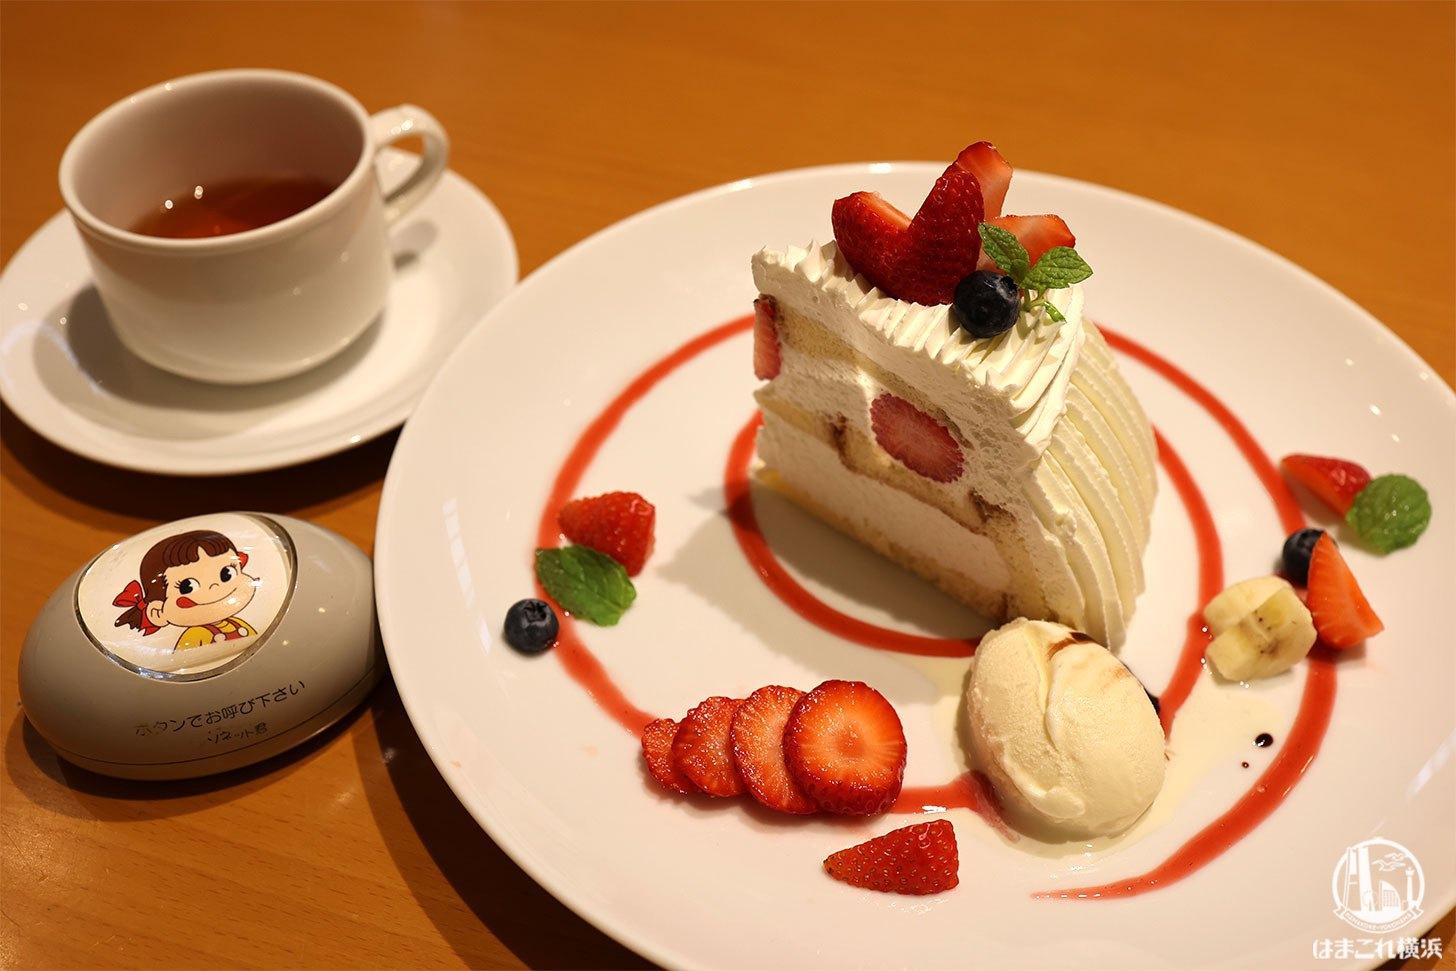 不二家レストラン横浜センター店でショートケーキパレット堪能!オリジナルブレンドも